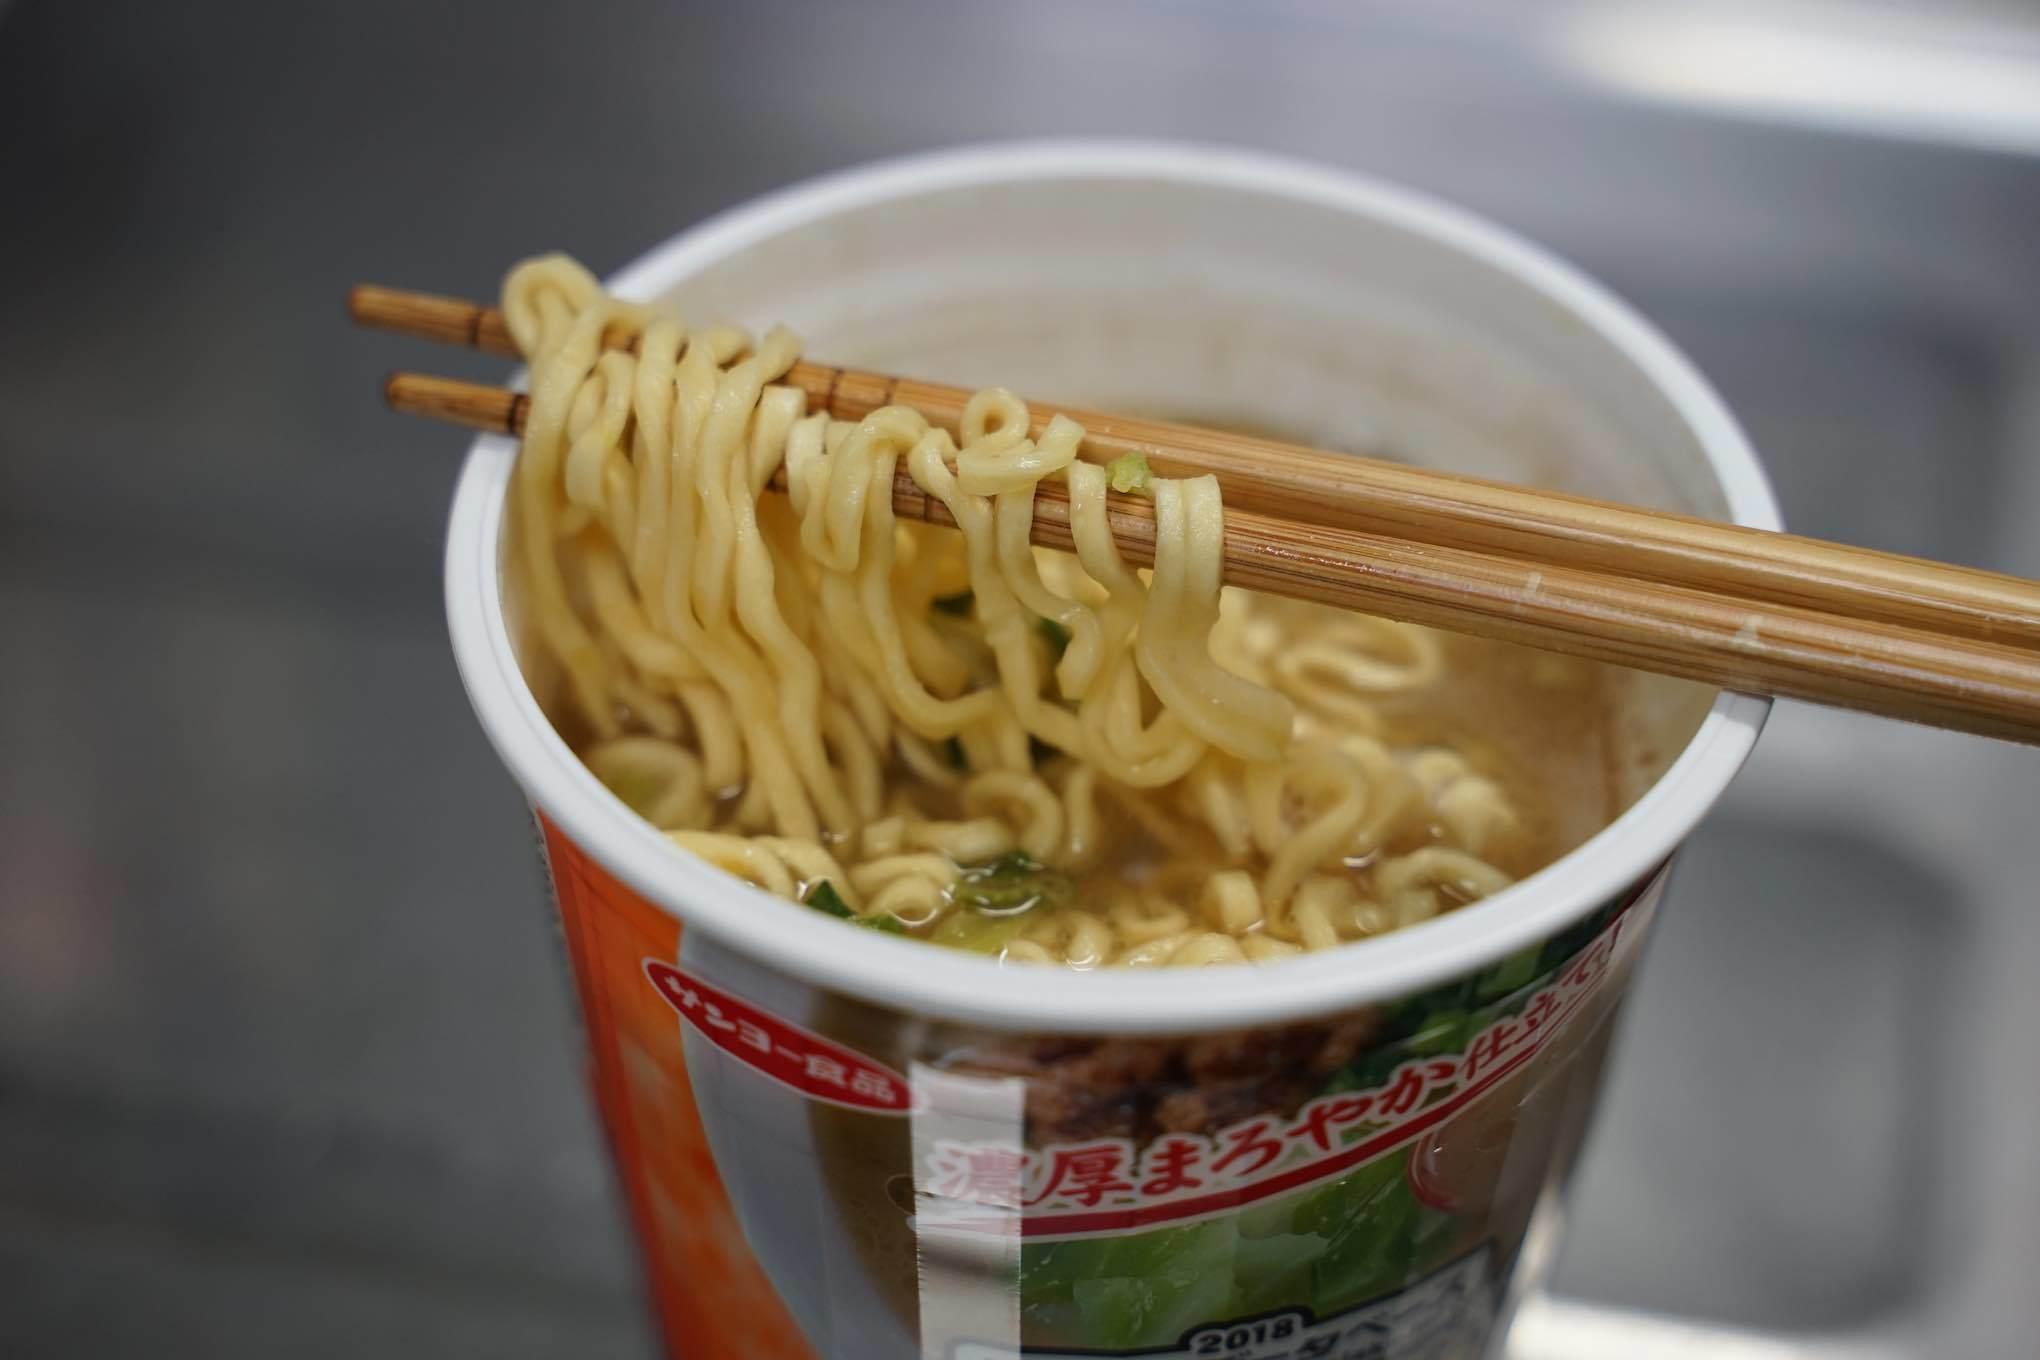 サンヨー食品 スリーエスオー監修 ニボシみそラーメン_b0360240_23312295.jpg